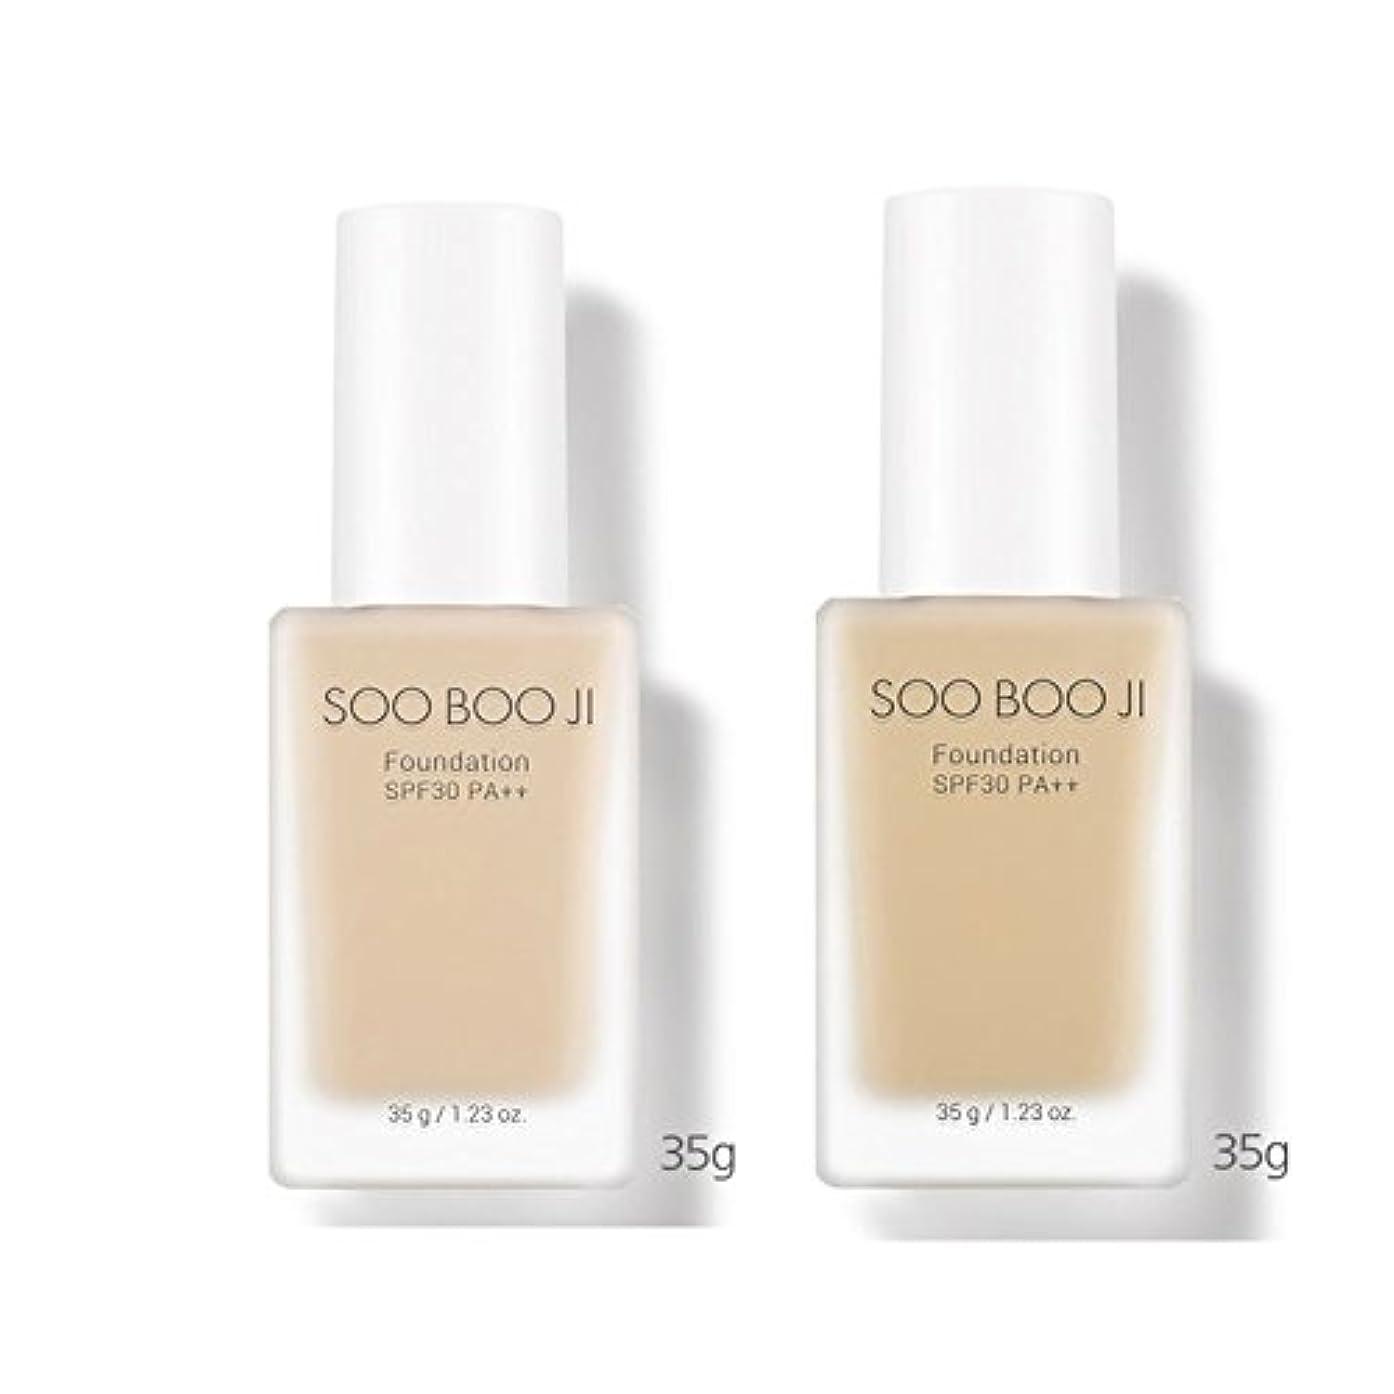 望まないスツールアーサーコナンドイルA'PIEU Soo Boo Jiファンデーション(SPF30 / PA++)35g x 2本セット2カラー(21号、23号)、A'PIEU Soo Boo Ji Foundation (SPF30 / PA++) 35g...